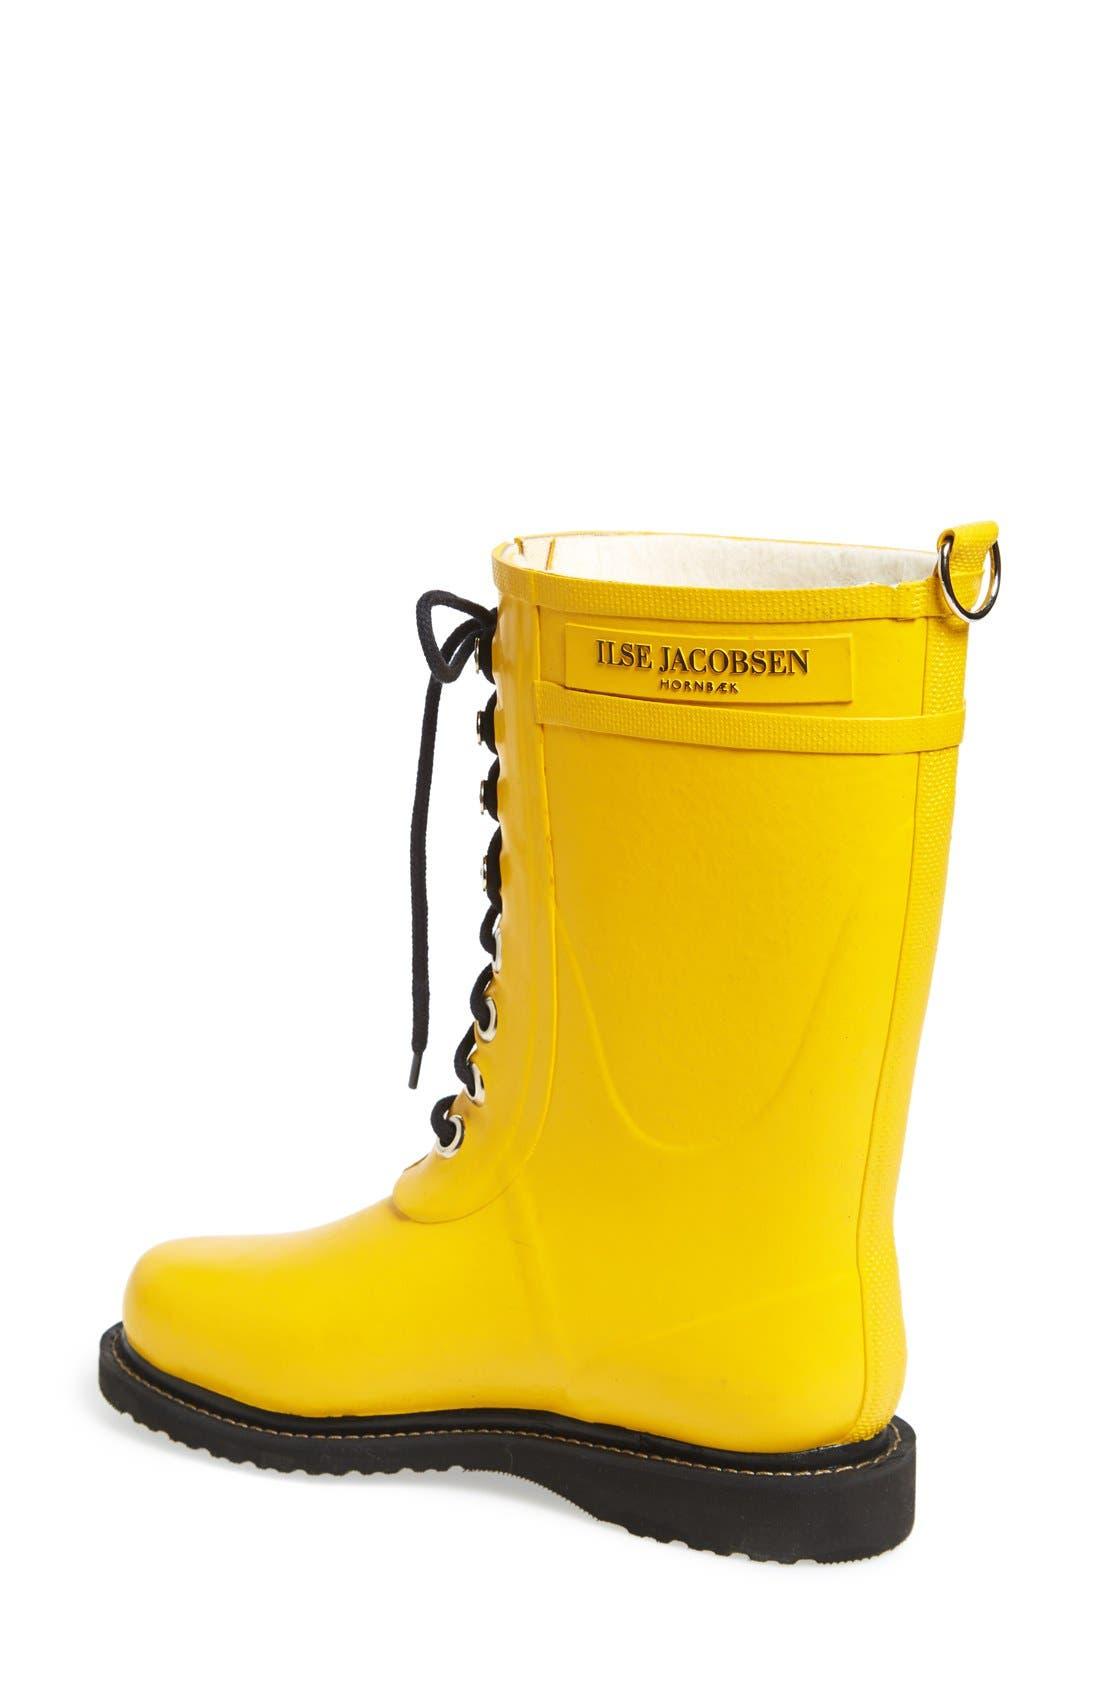 4d6239f788cc Women s Ilse Jacobsen Rain Boots